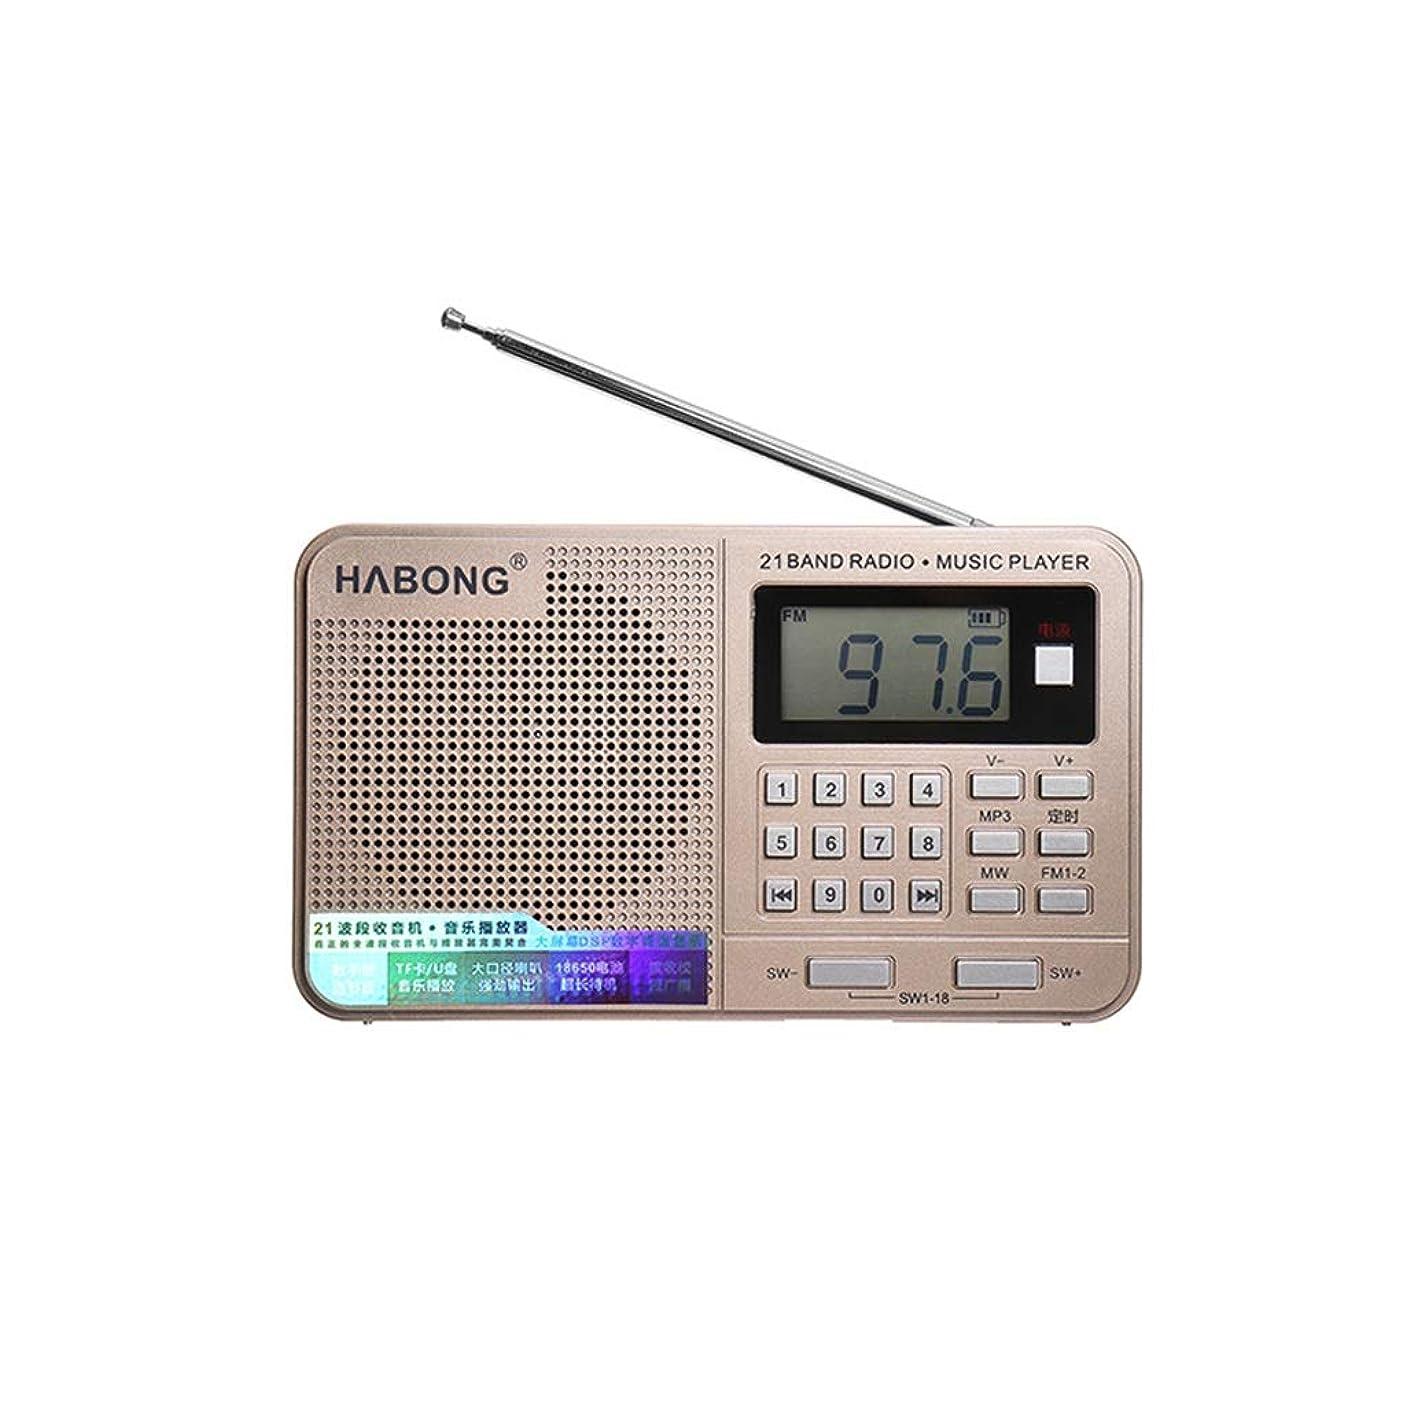 オッズ科学者用語集携帯ラジオ FMラジオUSBカードスピーカーTFカードMP3プレーヤー高齢者用 操作が簡単 (Color : Gold)